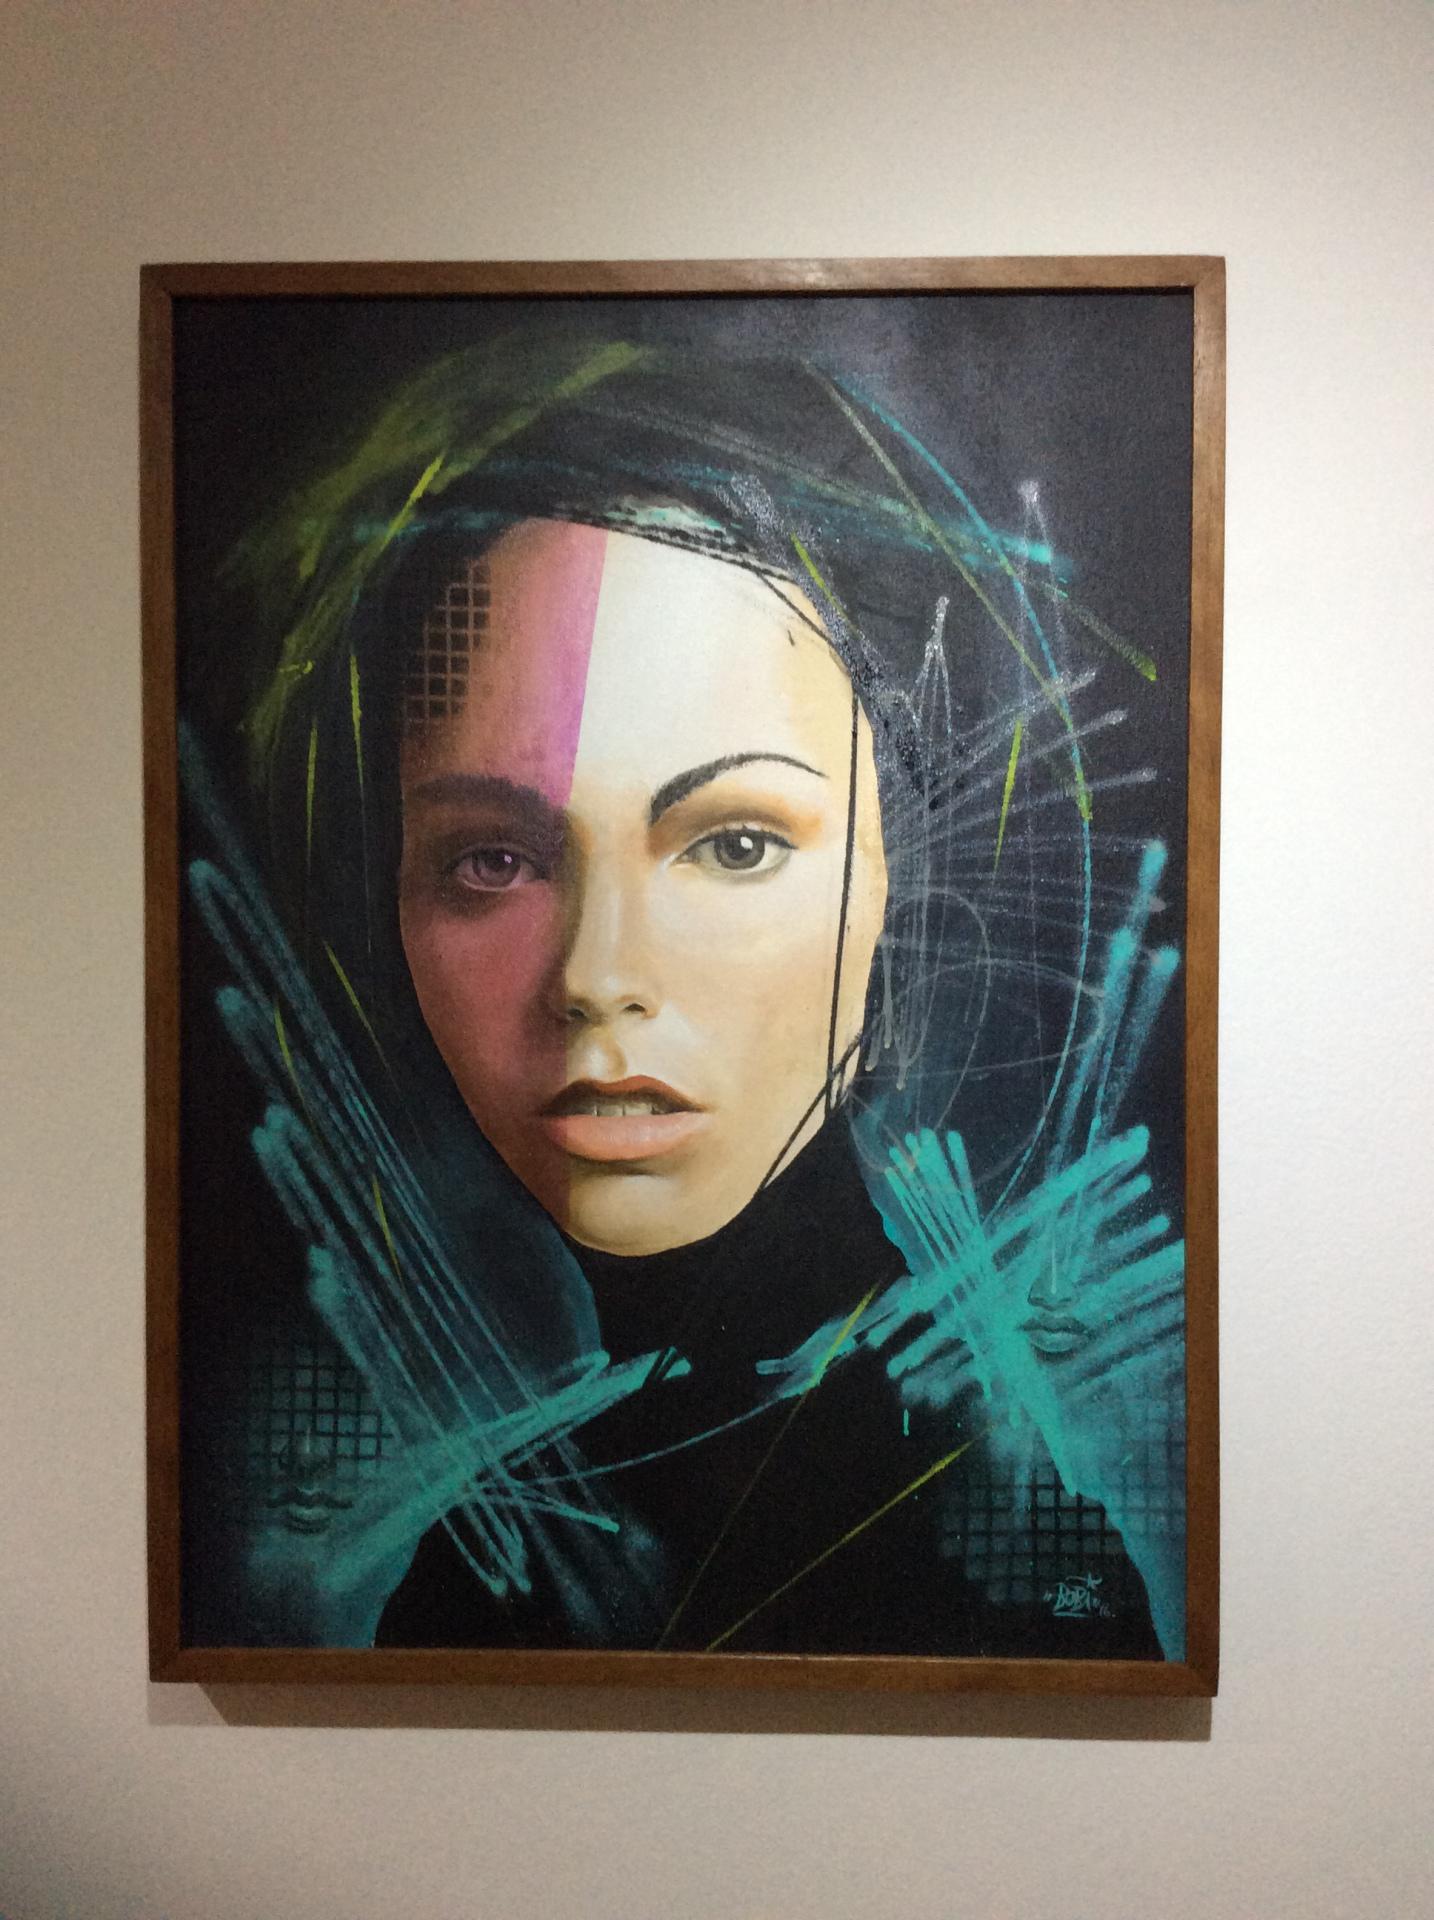 Tempo certo / Tamanho: 80x60 cm Técnica: Acrilica e spray sobre tela Disponível